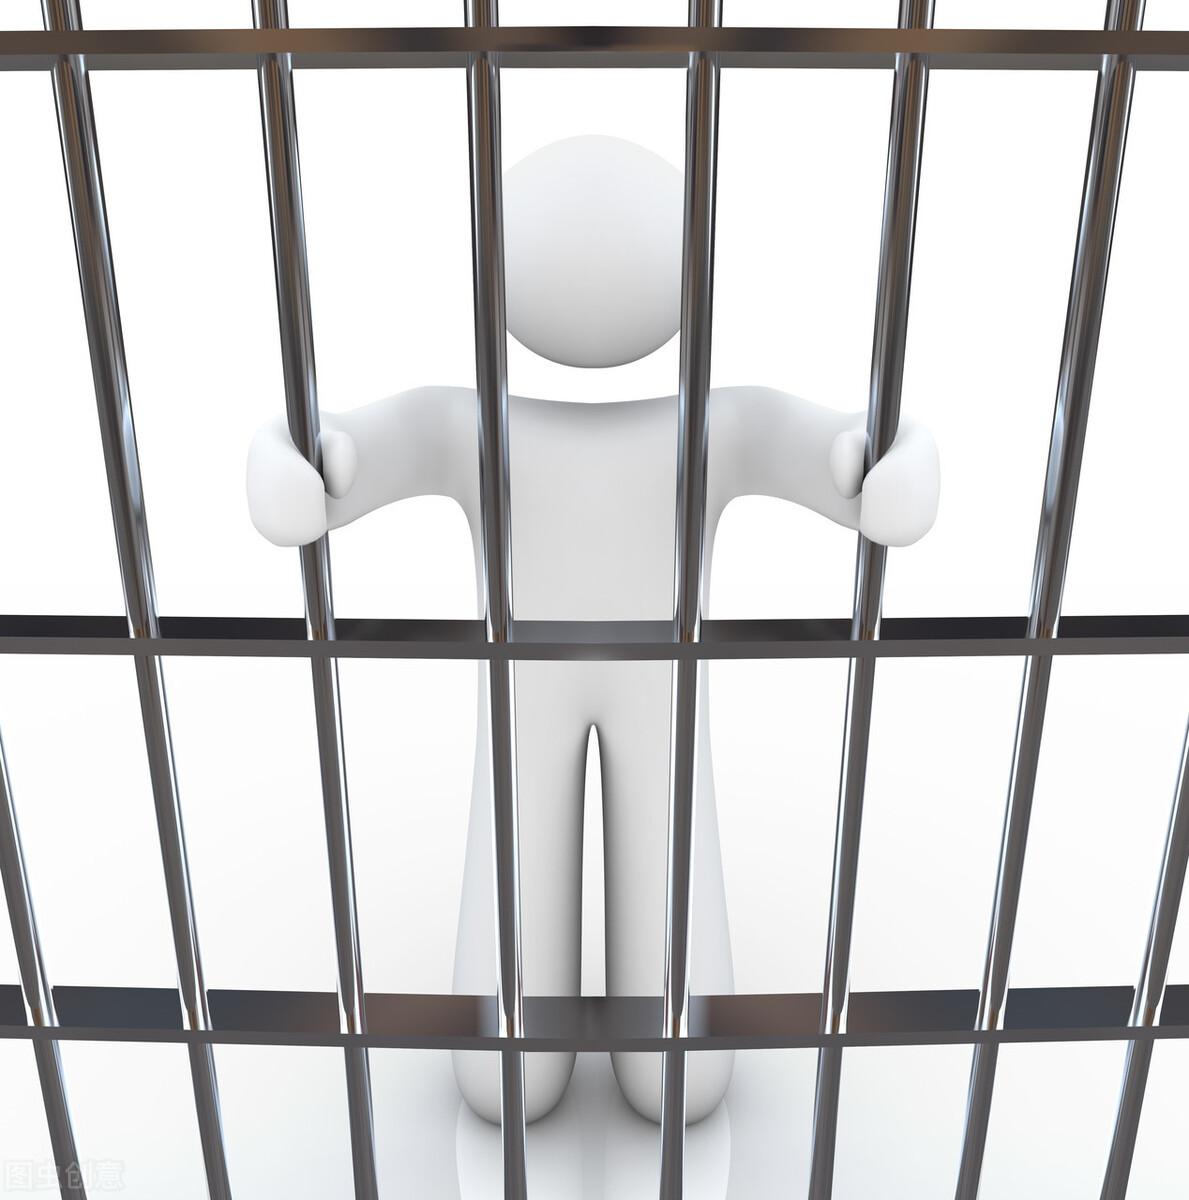 行政、刑事、司法:三种拘留方式,哪个会留案底?